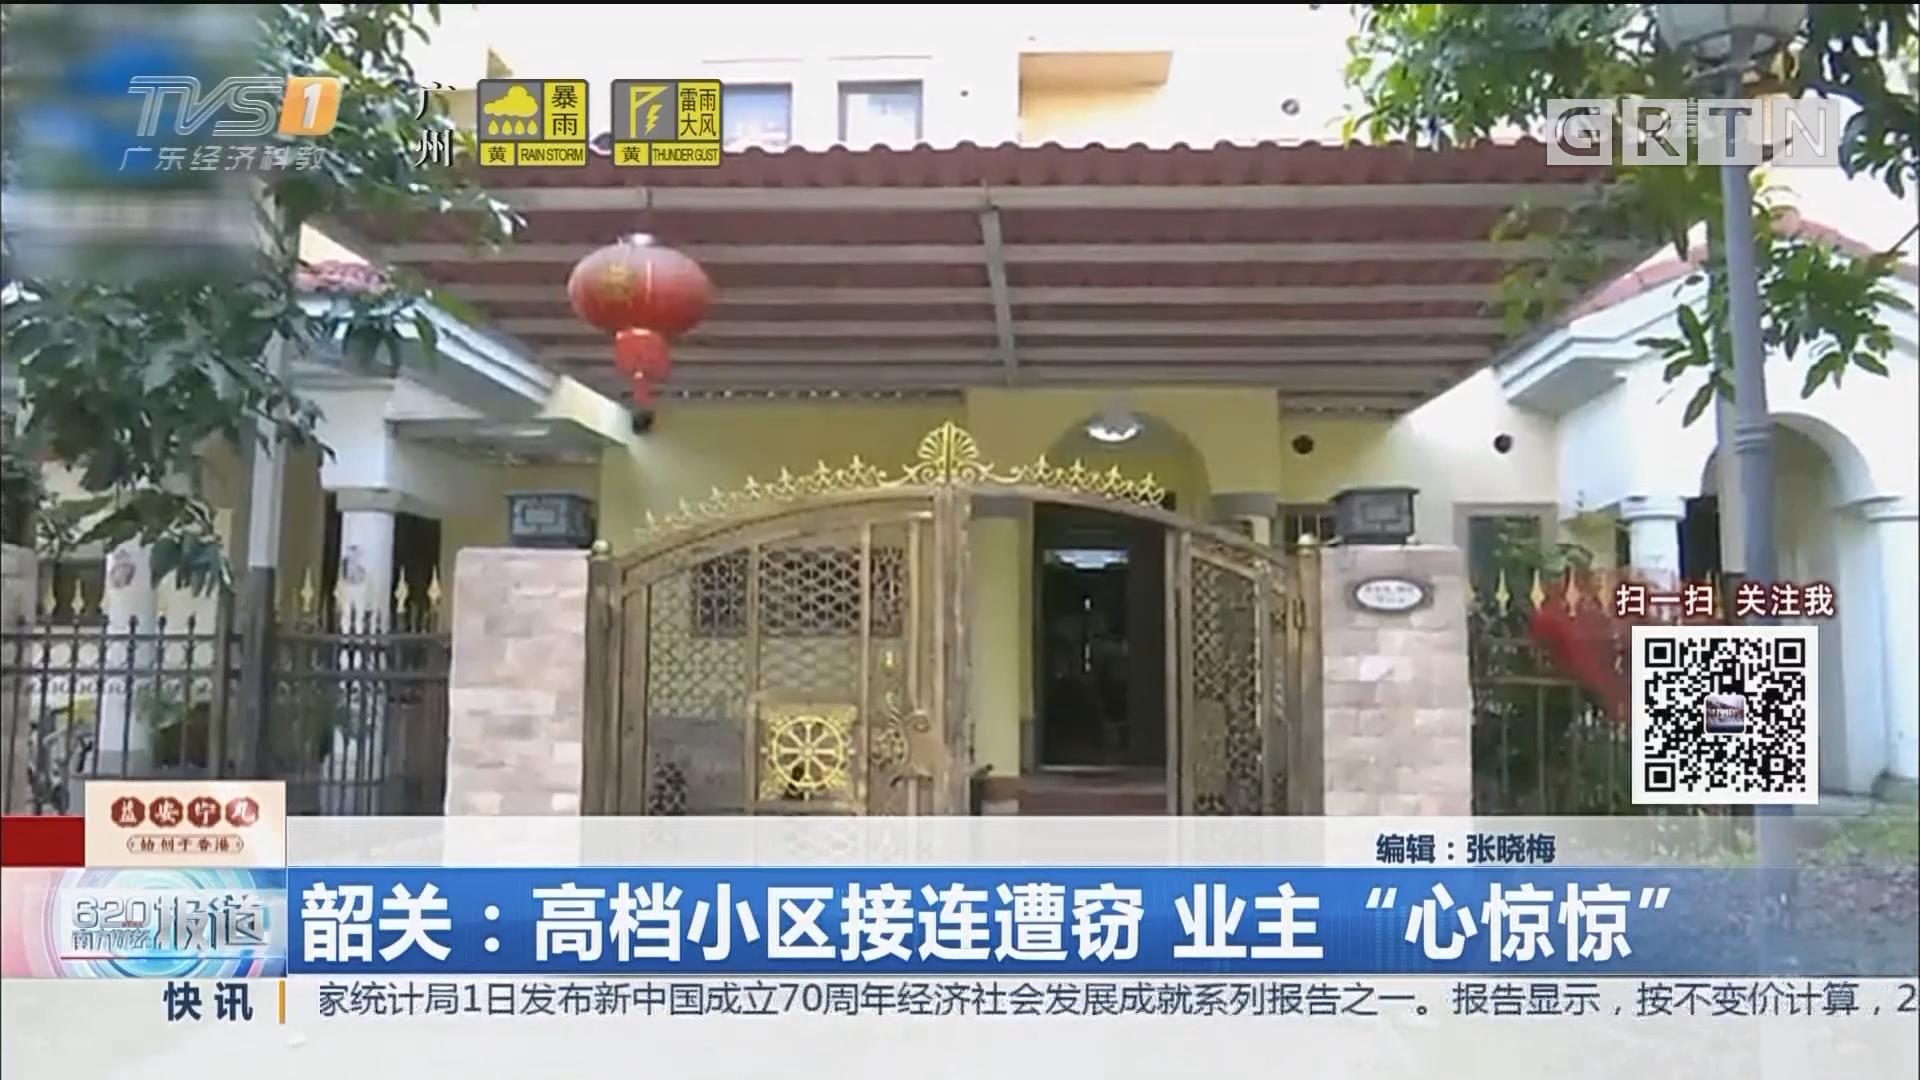 """韶关:高档小区接连遭窃 业主""""心惊惊"""""""